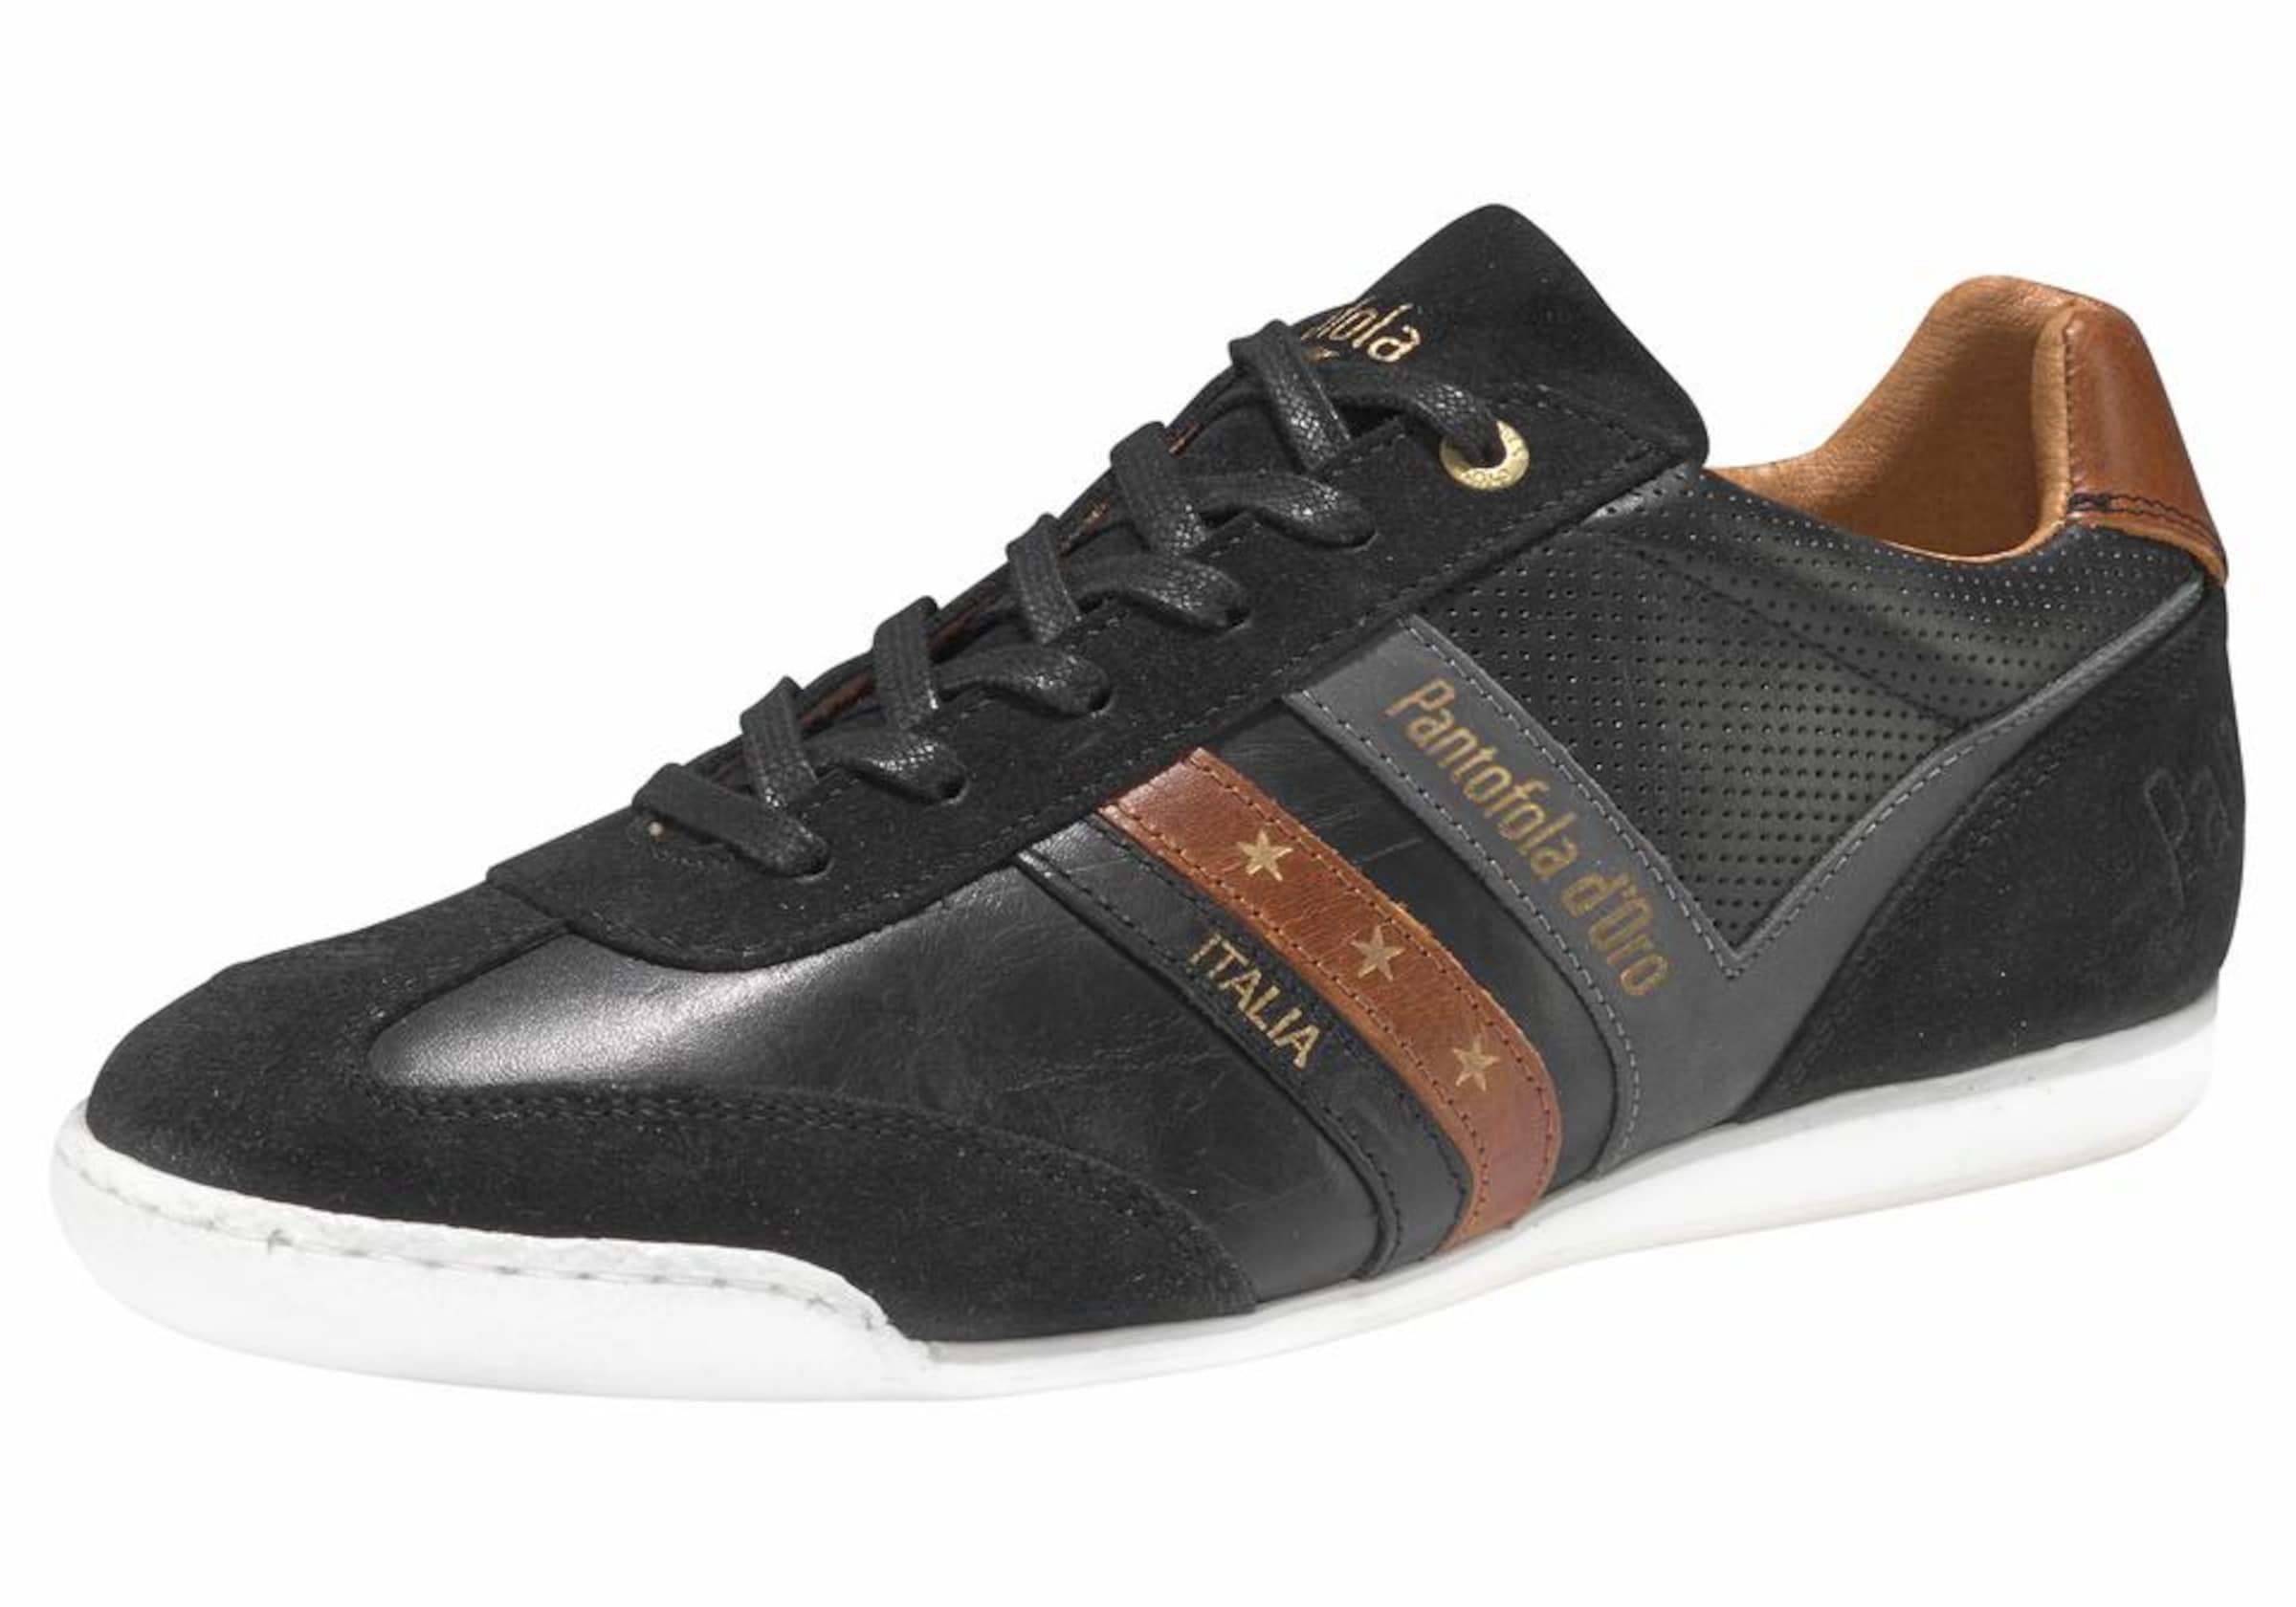 PANTOFOLA D ORO Sneaker  Vasto Uomo Low